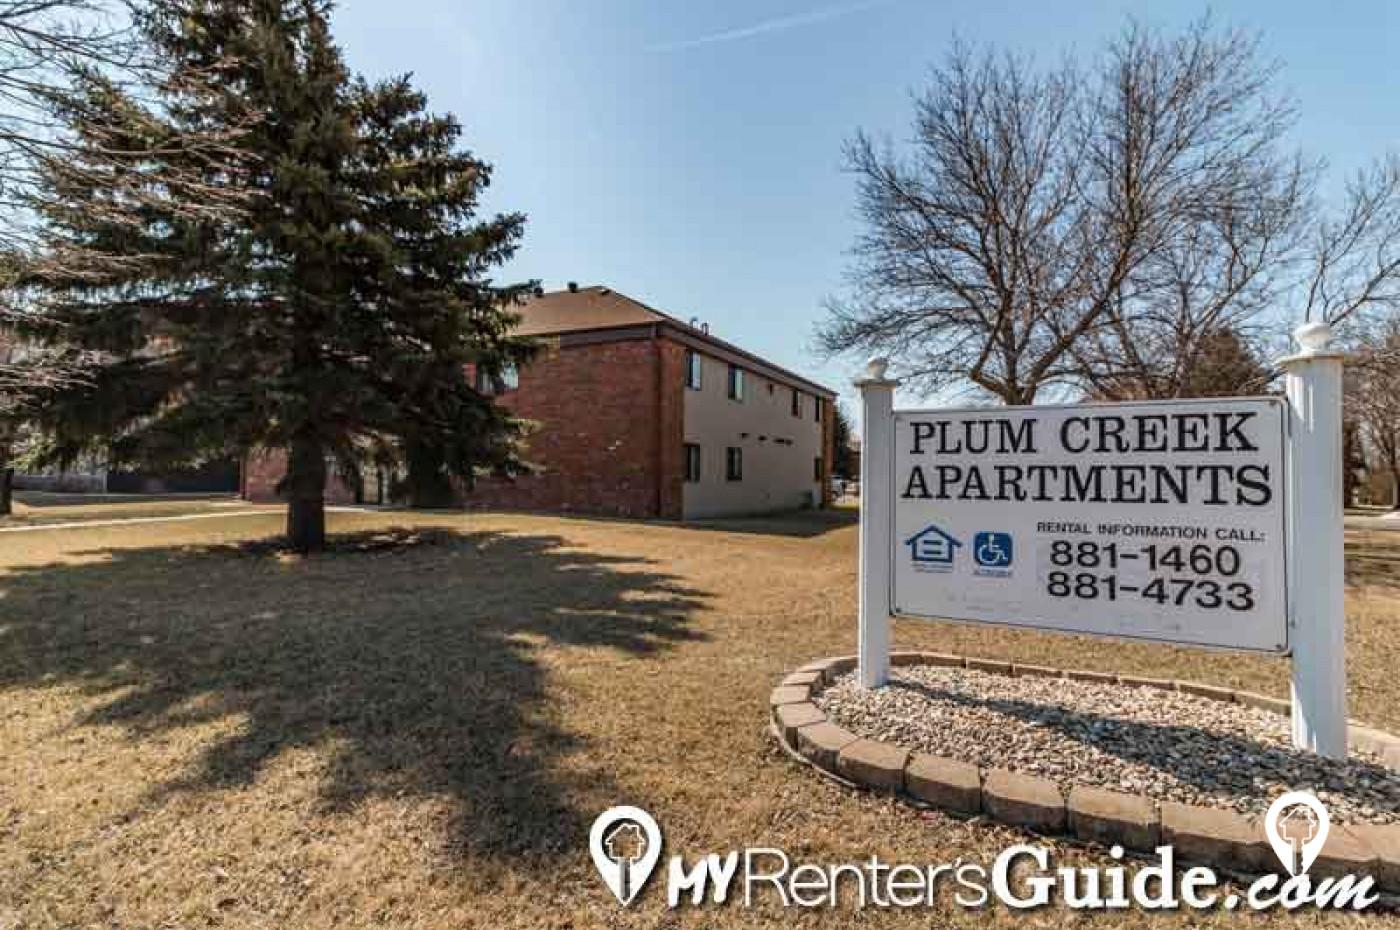 Plum Creek Apartment